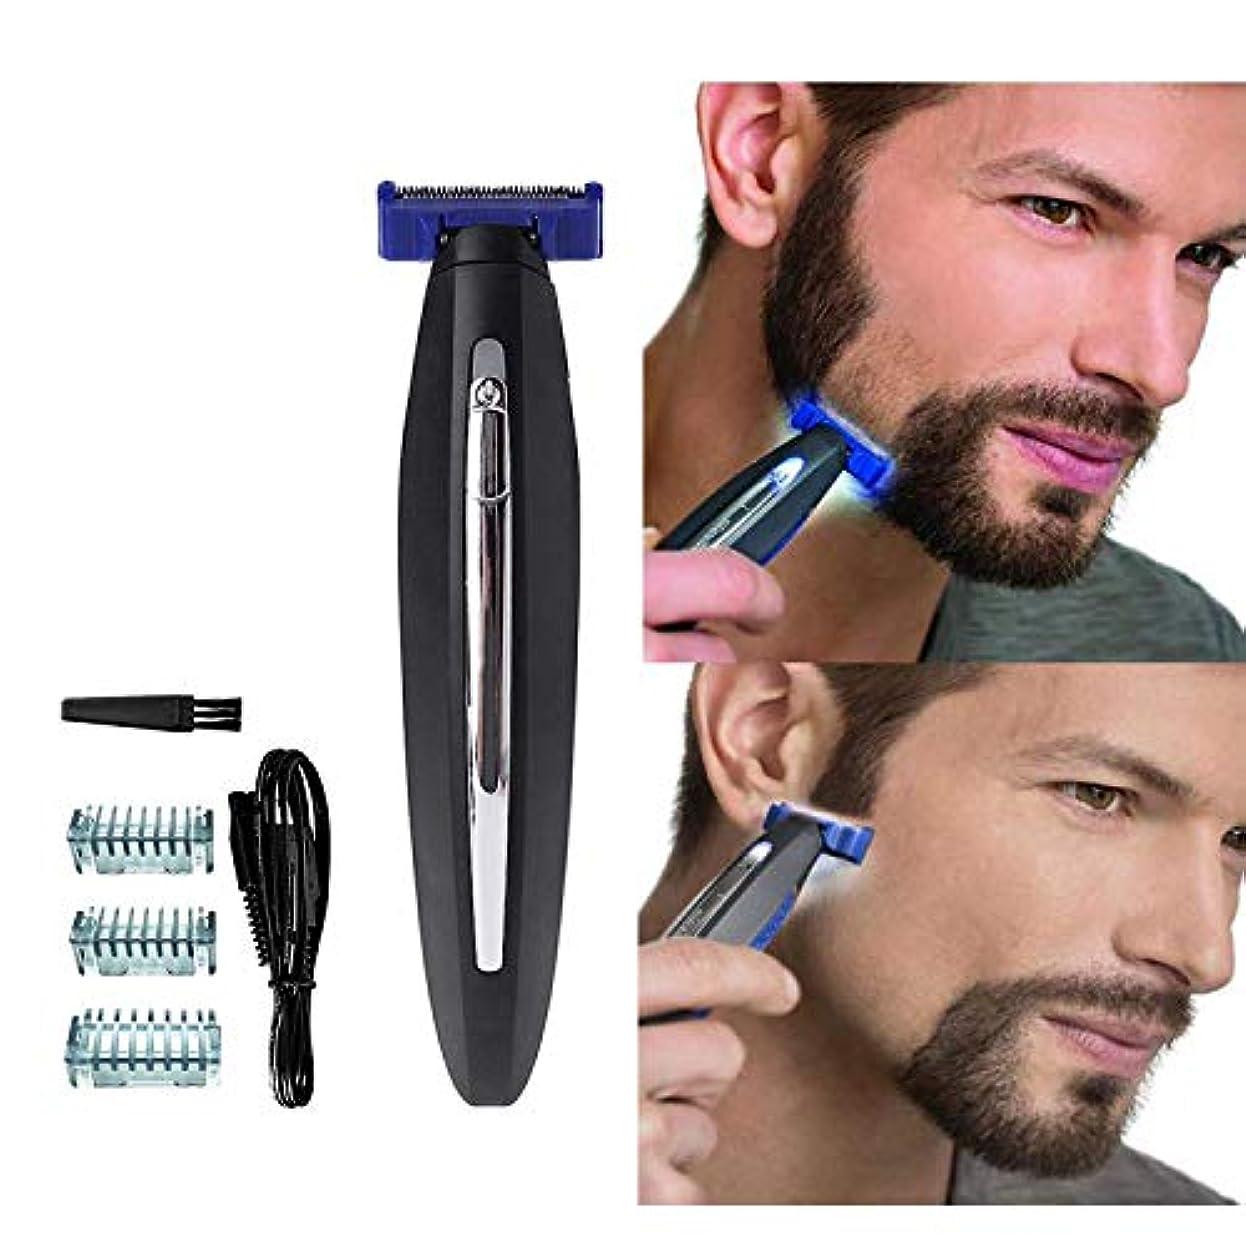 一時的帰する滑る男性のための電気かみそり、髪のクリーニングシェーバートリマーと防水スマートかみそり、男性のための眉毛のひげのフェイシャルとボディヘアーのための毛の除去剤, black